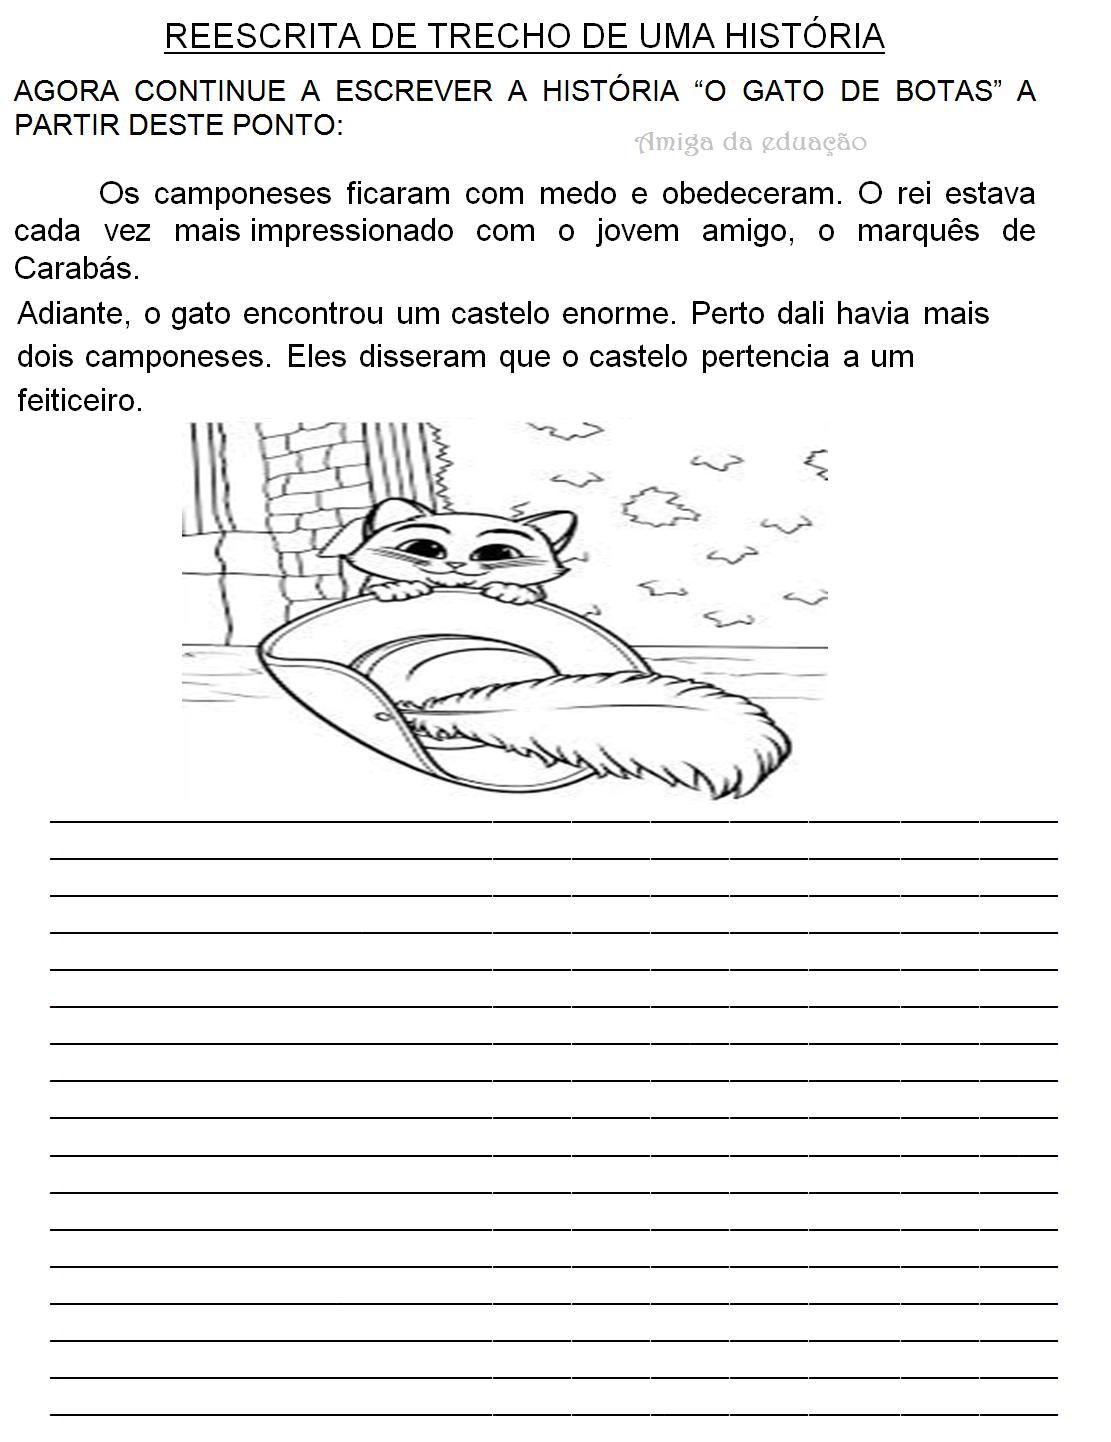 Amiga Da Educacao Producao De Texto Da Historia O Gato De Botas